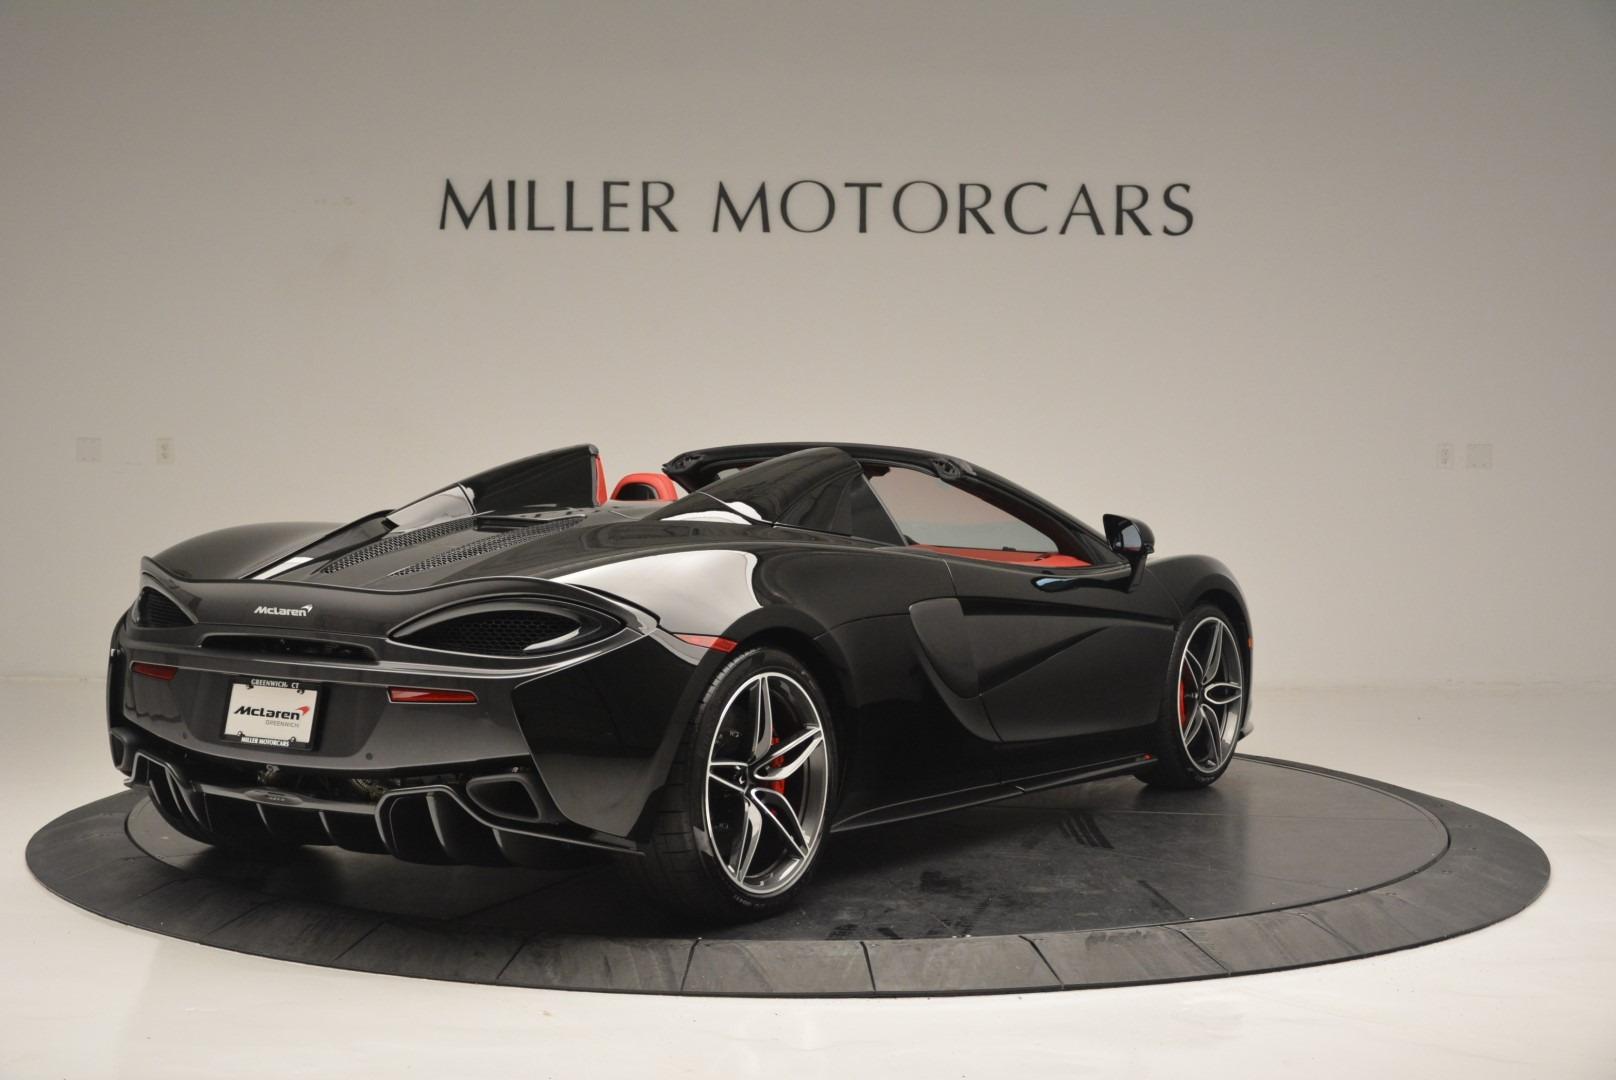 New 2019 McLaren 570S Spider Convertible For Sale In Westport, CT 2522_p7